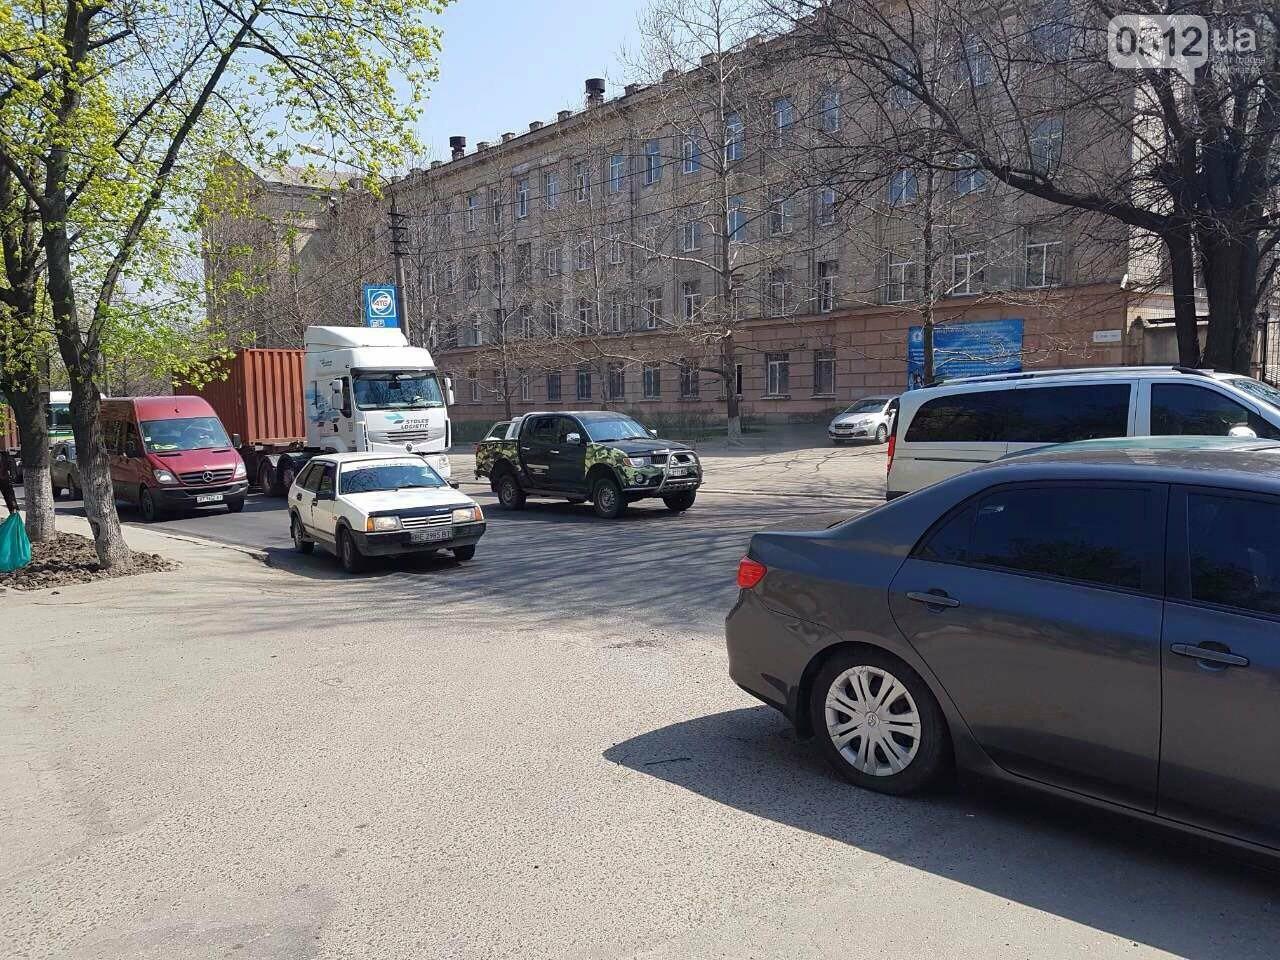 В Николаеве сломавшийся «Жигуль» создал пробку, - ФОТО, фото-1